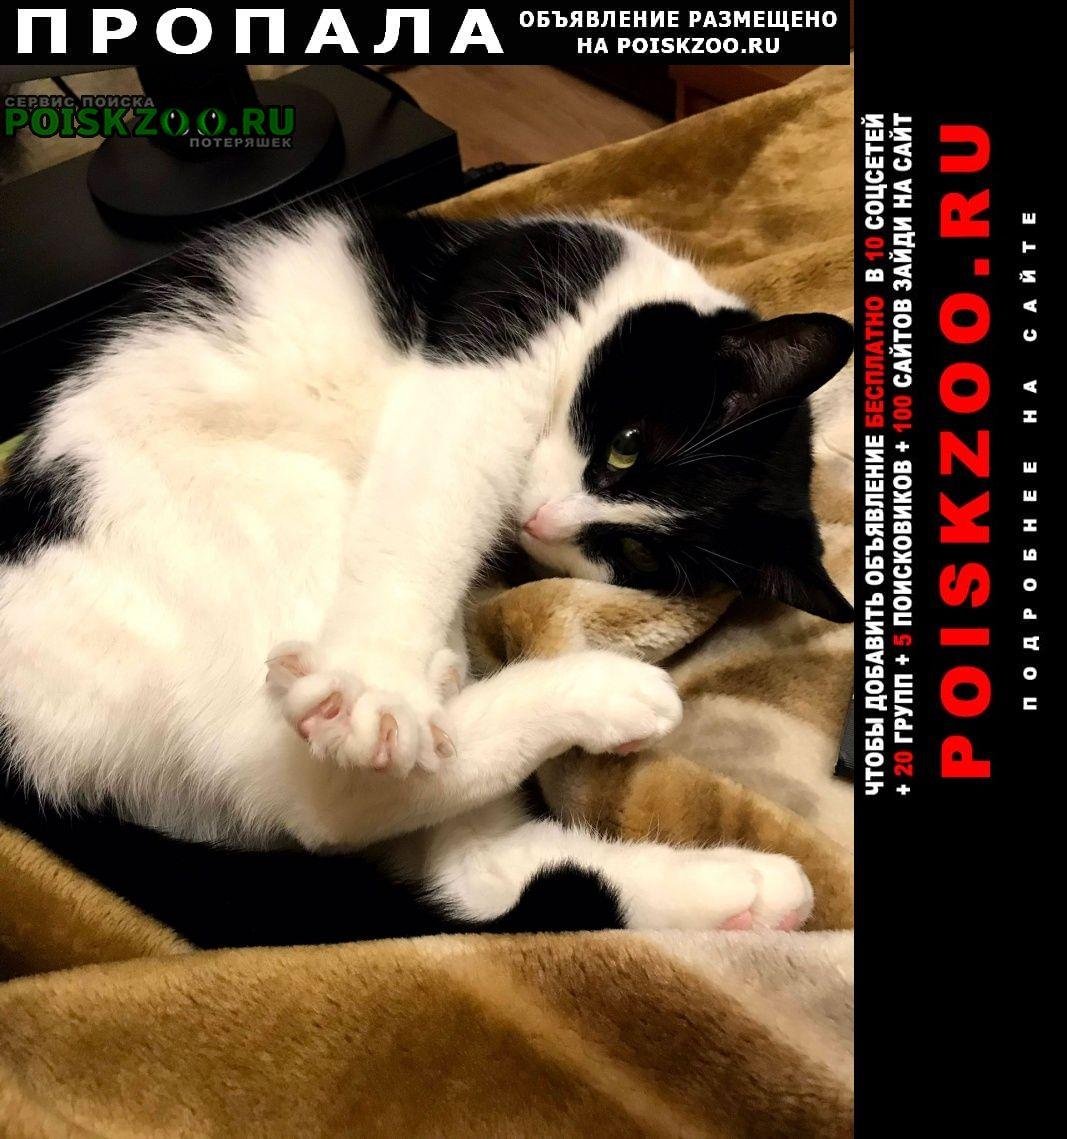 Пропала кошка черно-белая упала из окна Санкт-Петербург